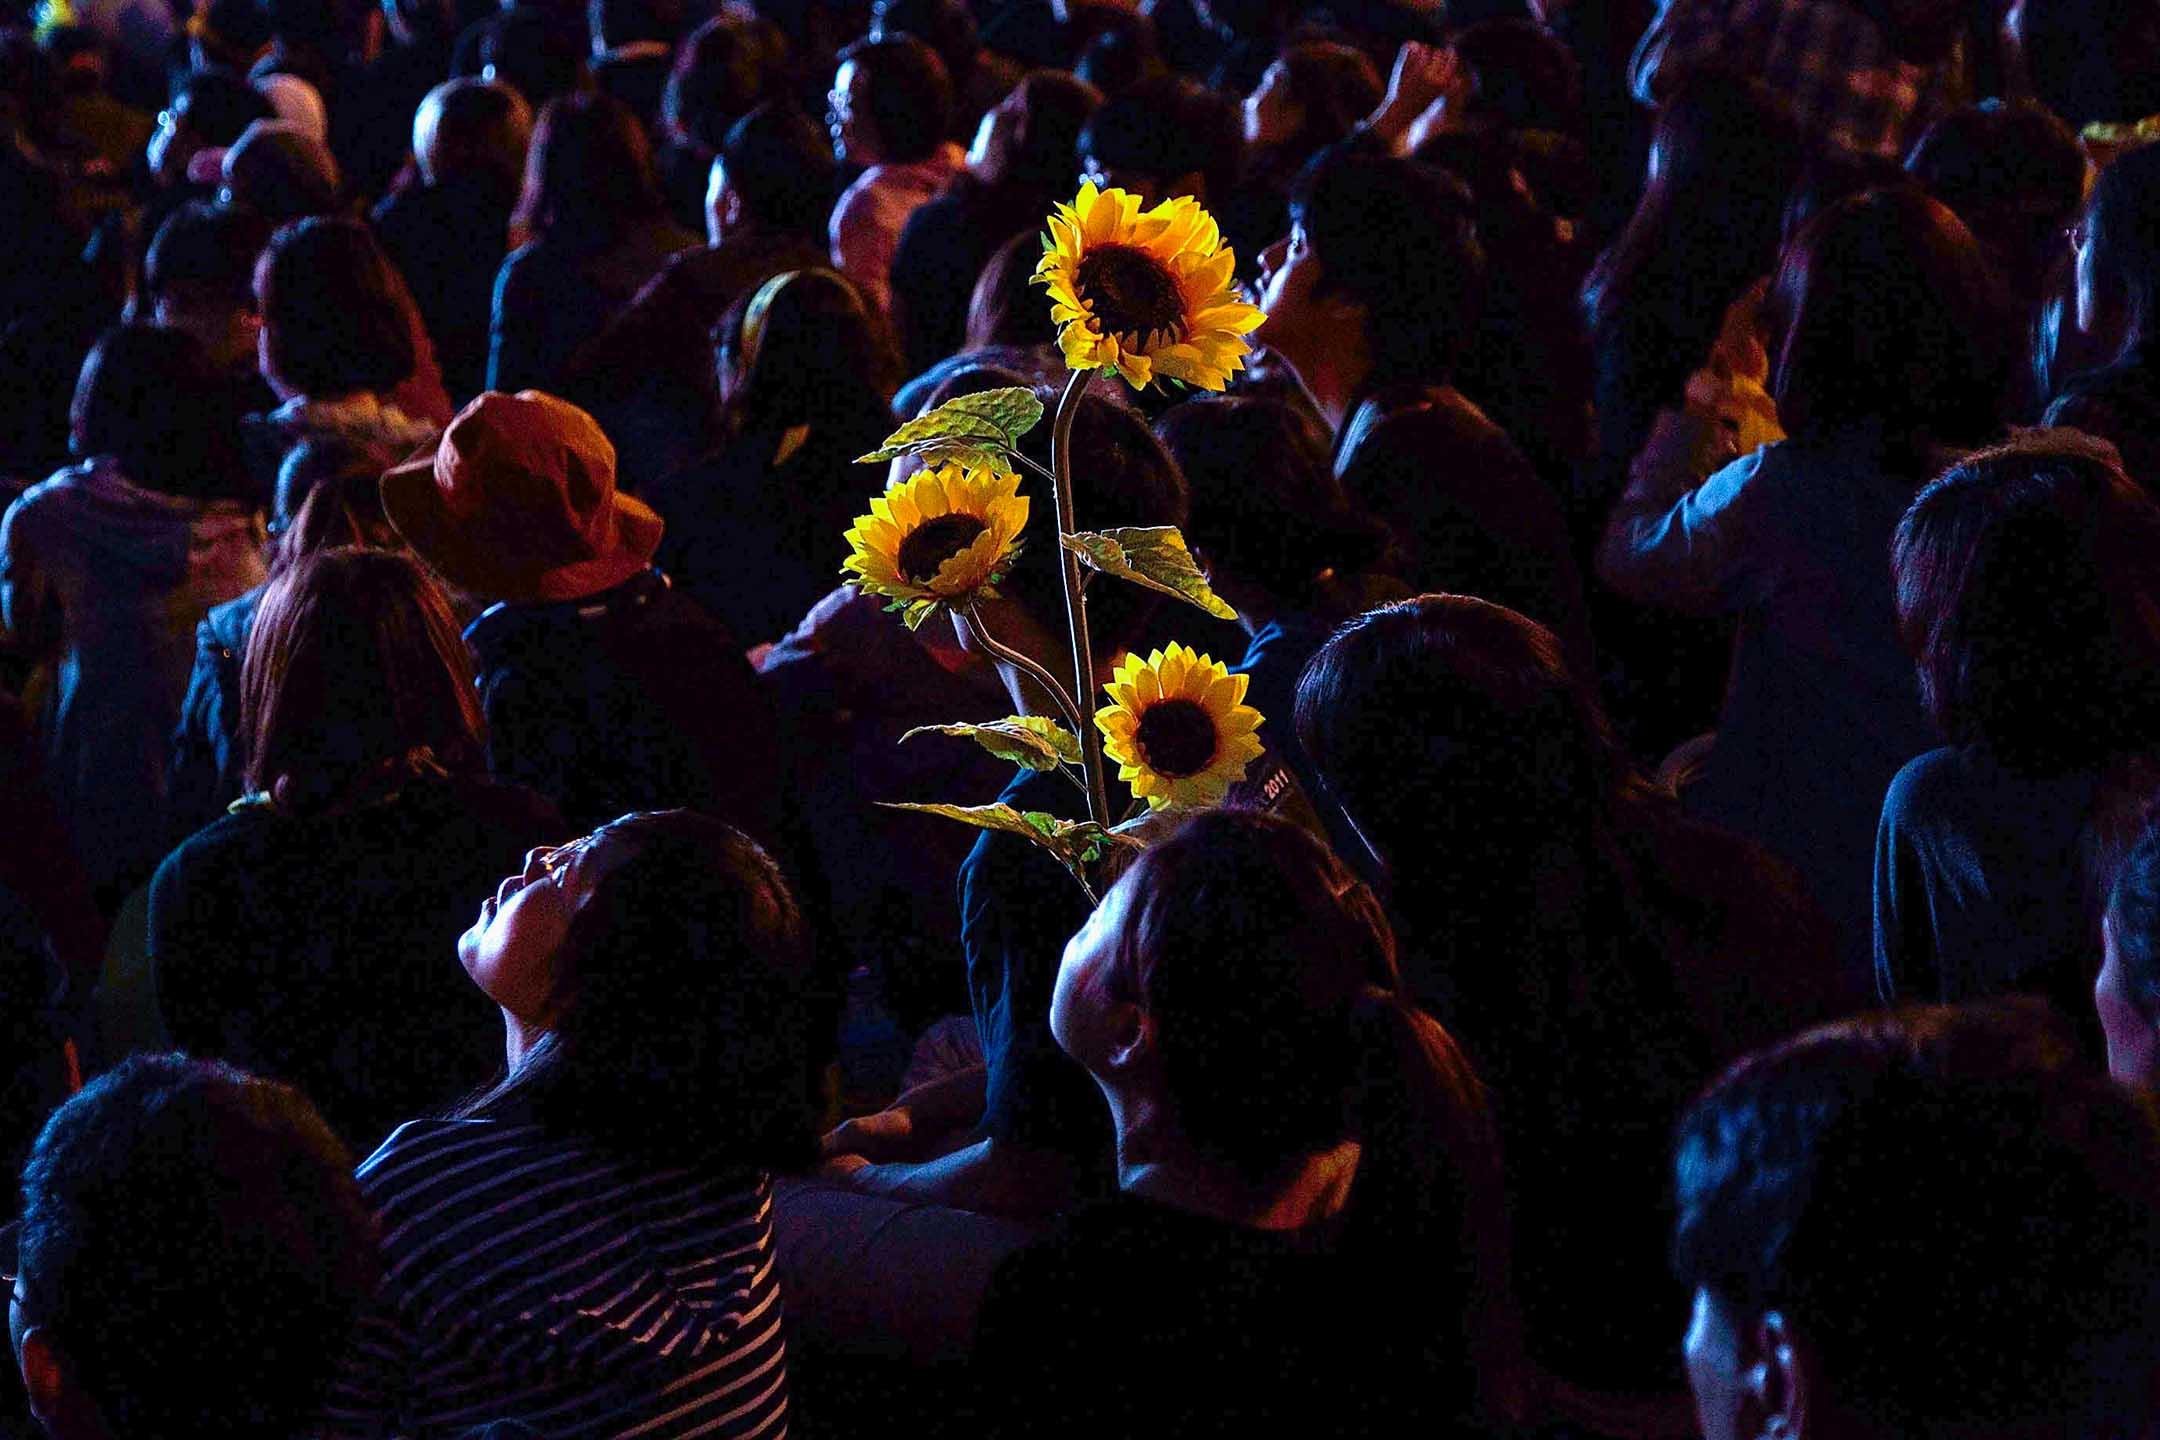 2014年3月30日台北,示威者拿著太陽花在凱達格蘭大道集會。